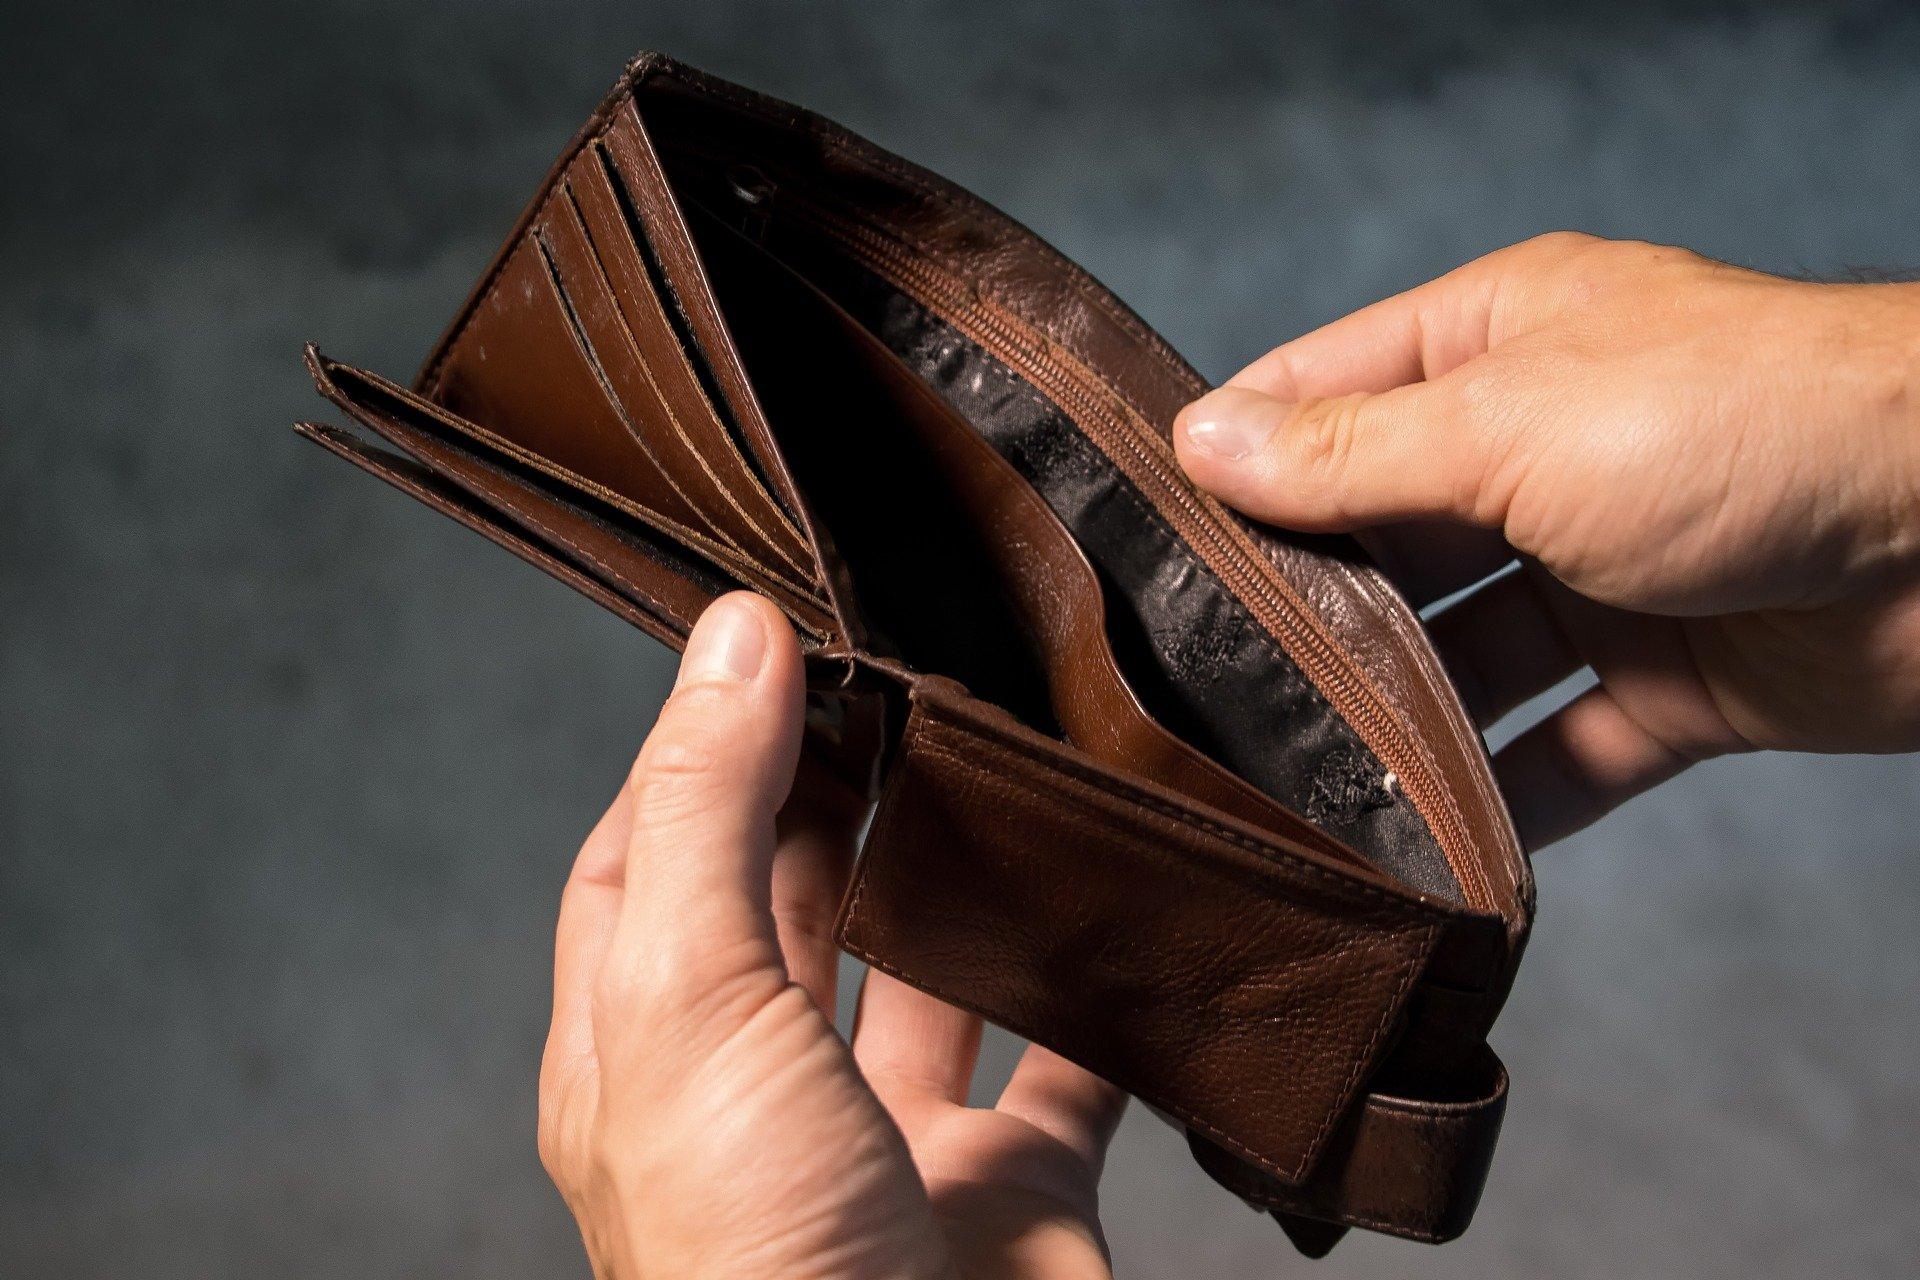 Die Schuldnerberatung München bietet schnelle Hilfe bei Überschuldung